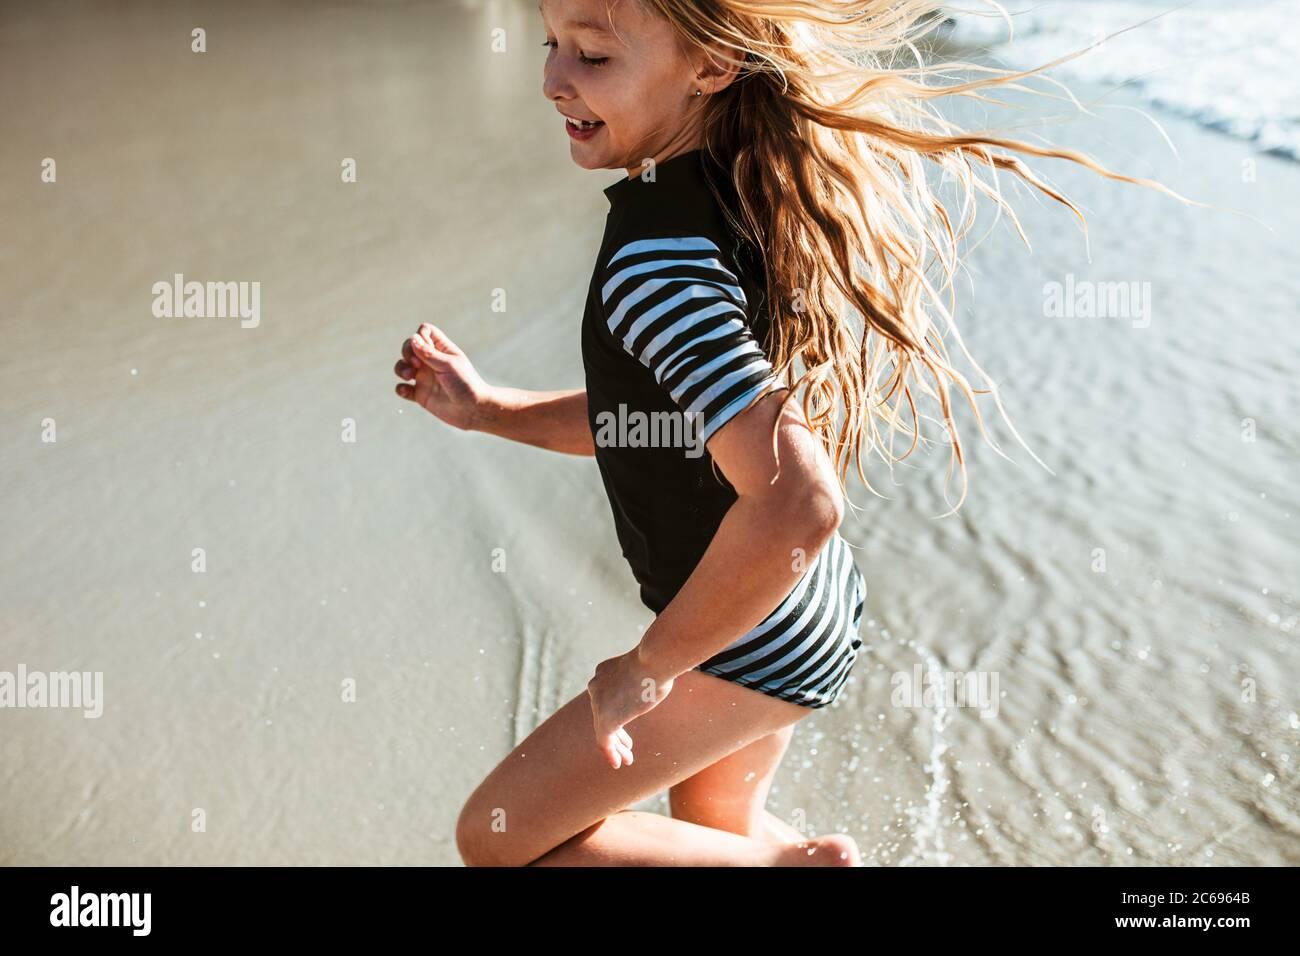 Jolie fille qui court dans l'eau à la plage. Petite fille s'amuser pendant les vacances d'été à la plage. Banque D'Images